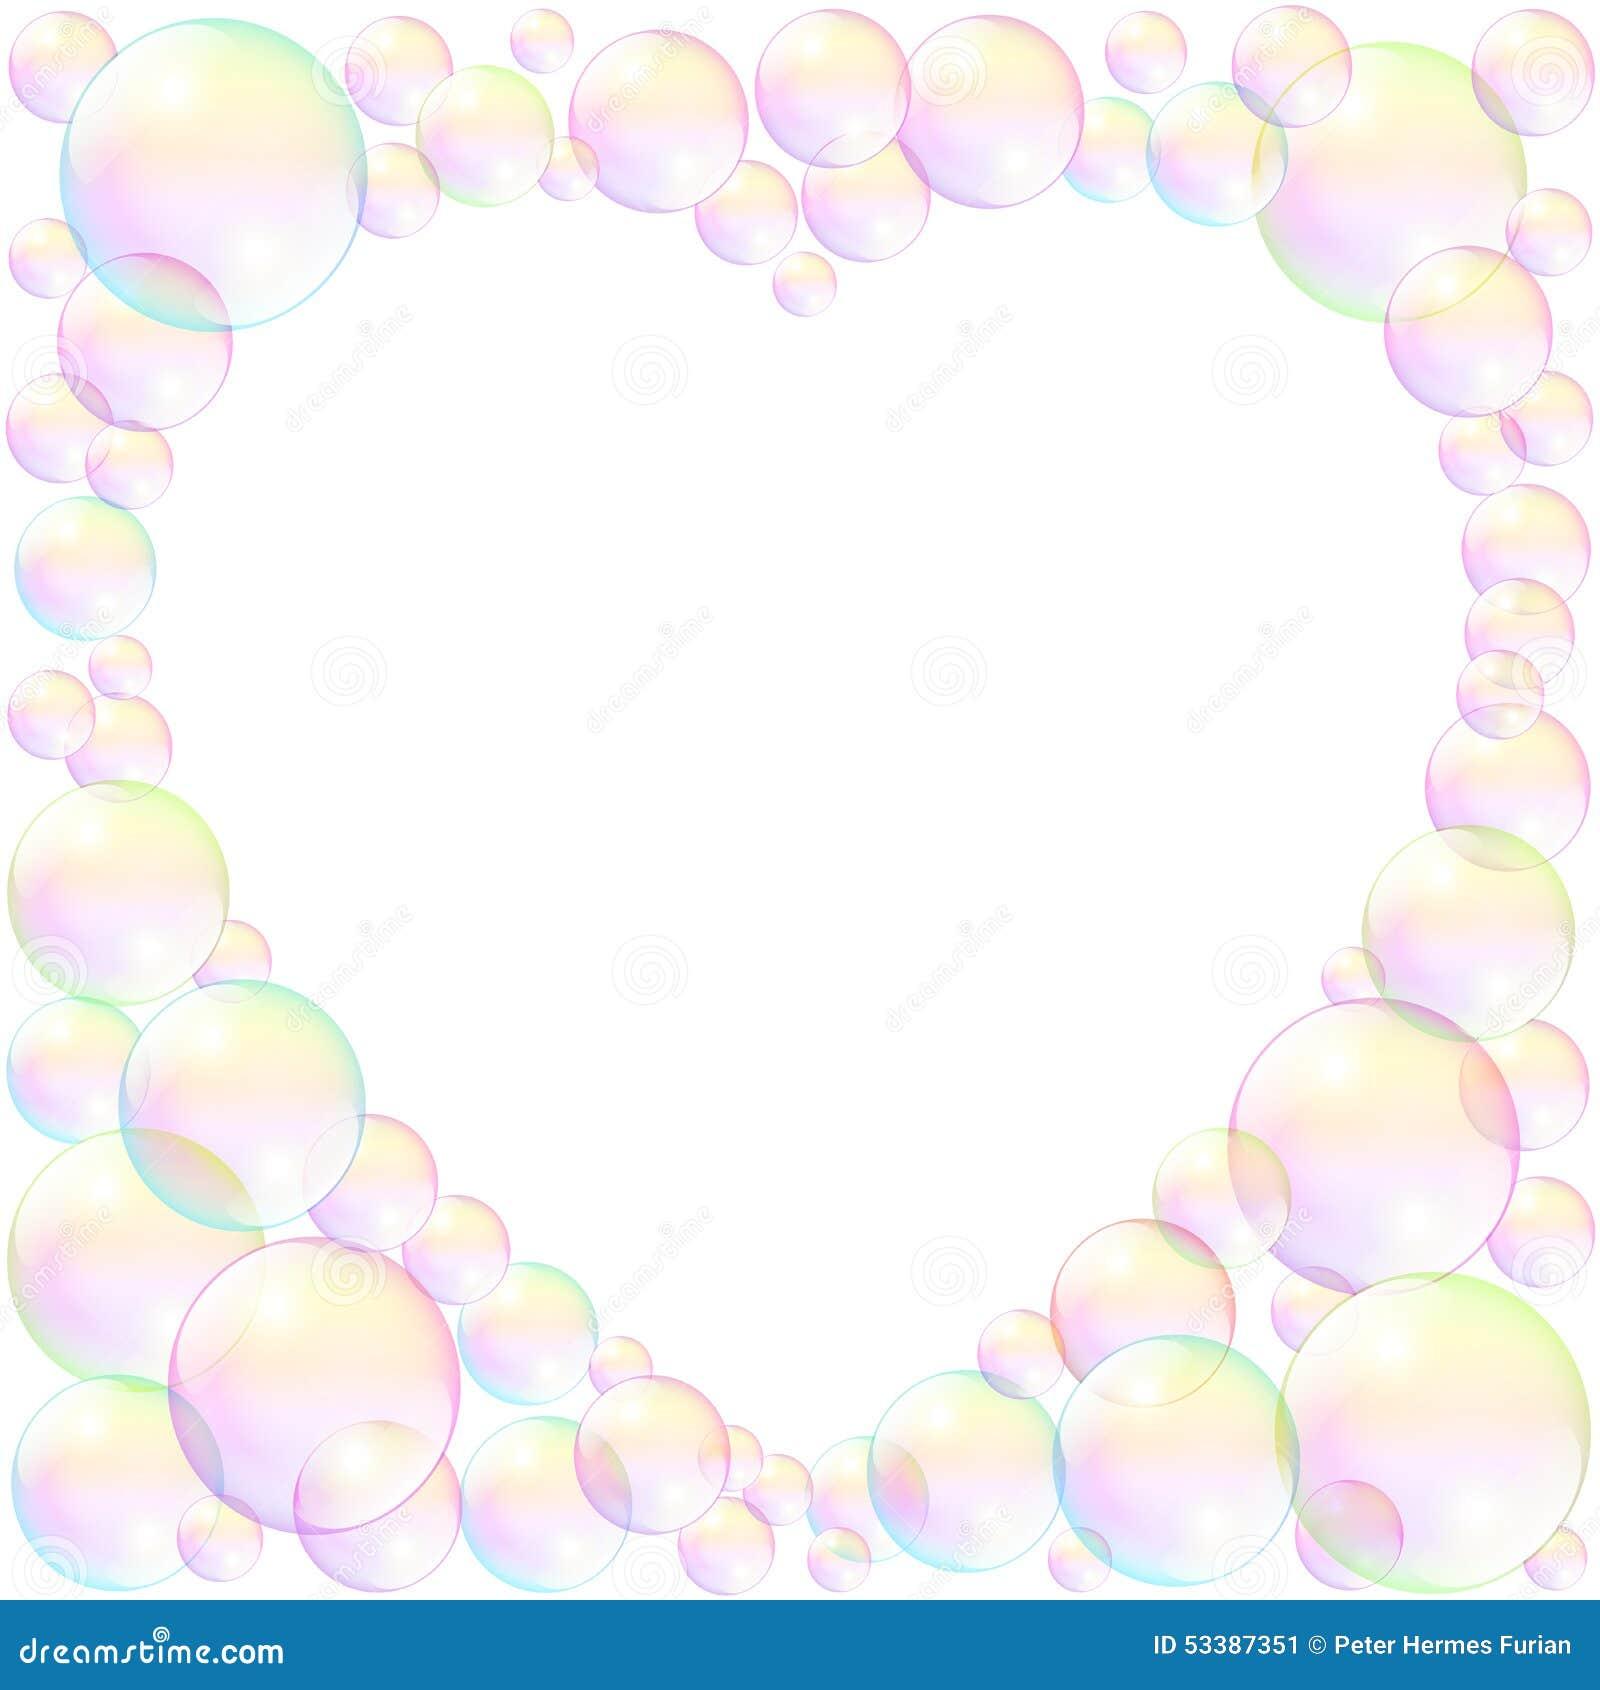 Seifenblase-Herz-Rahmen-Liebe Vektor Abbildung - Illustration von ...